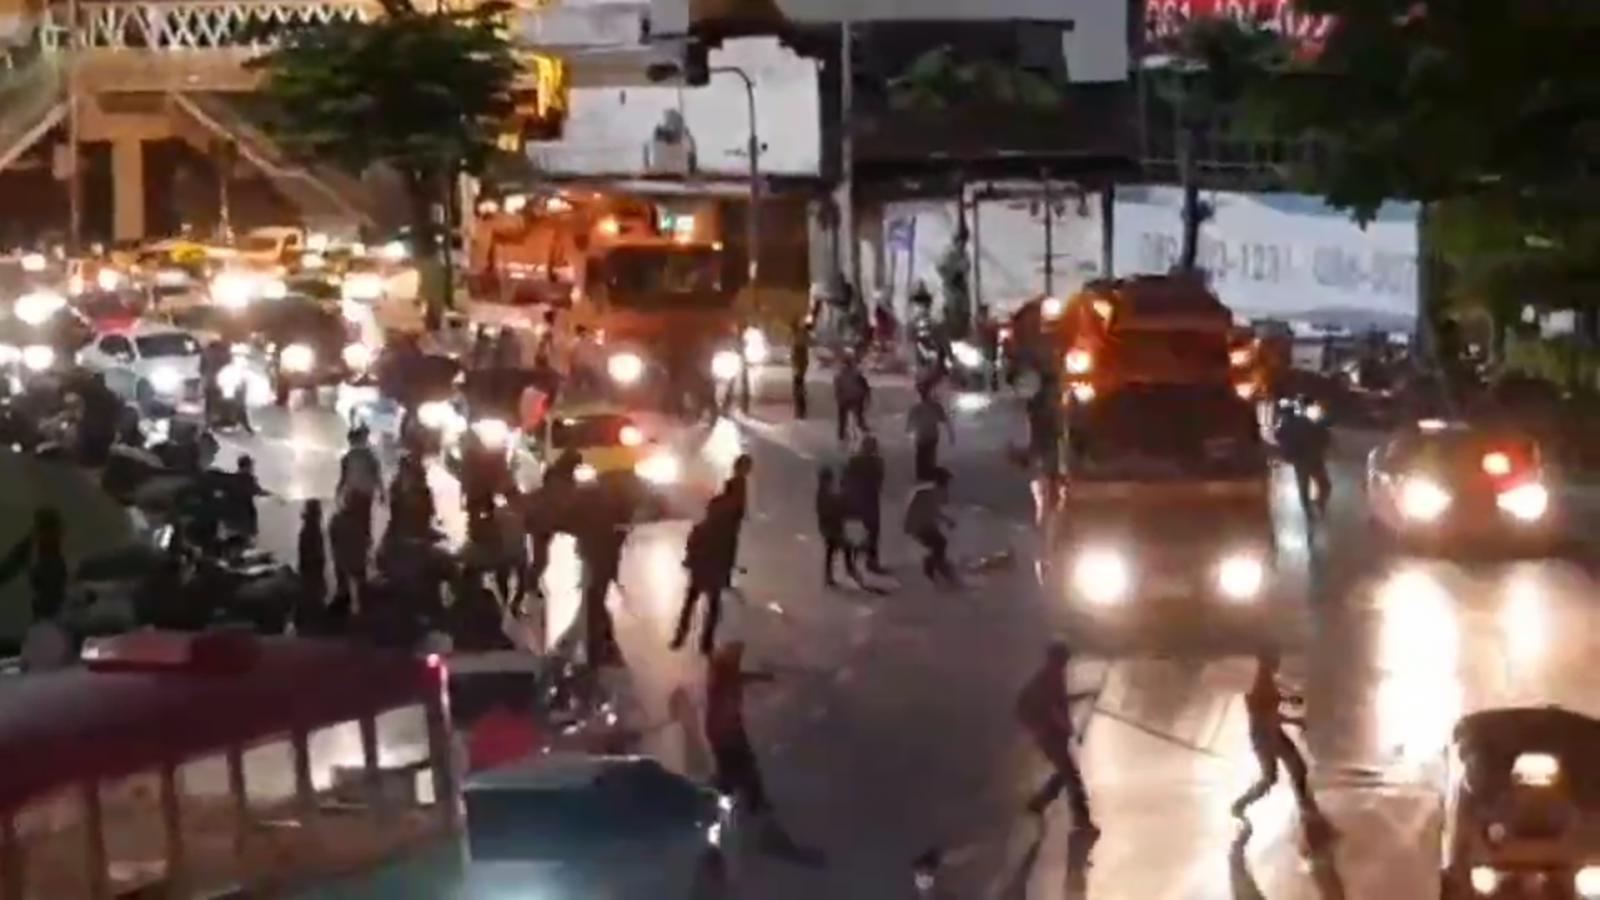 กลุ่มอาชีวะธนบุรี แถลงการณ์ขอโทษผู้ชุมนุม ปมเหตุวุ่นวายที่วงเวียนใหญ่